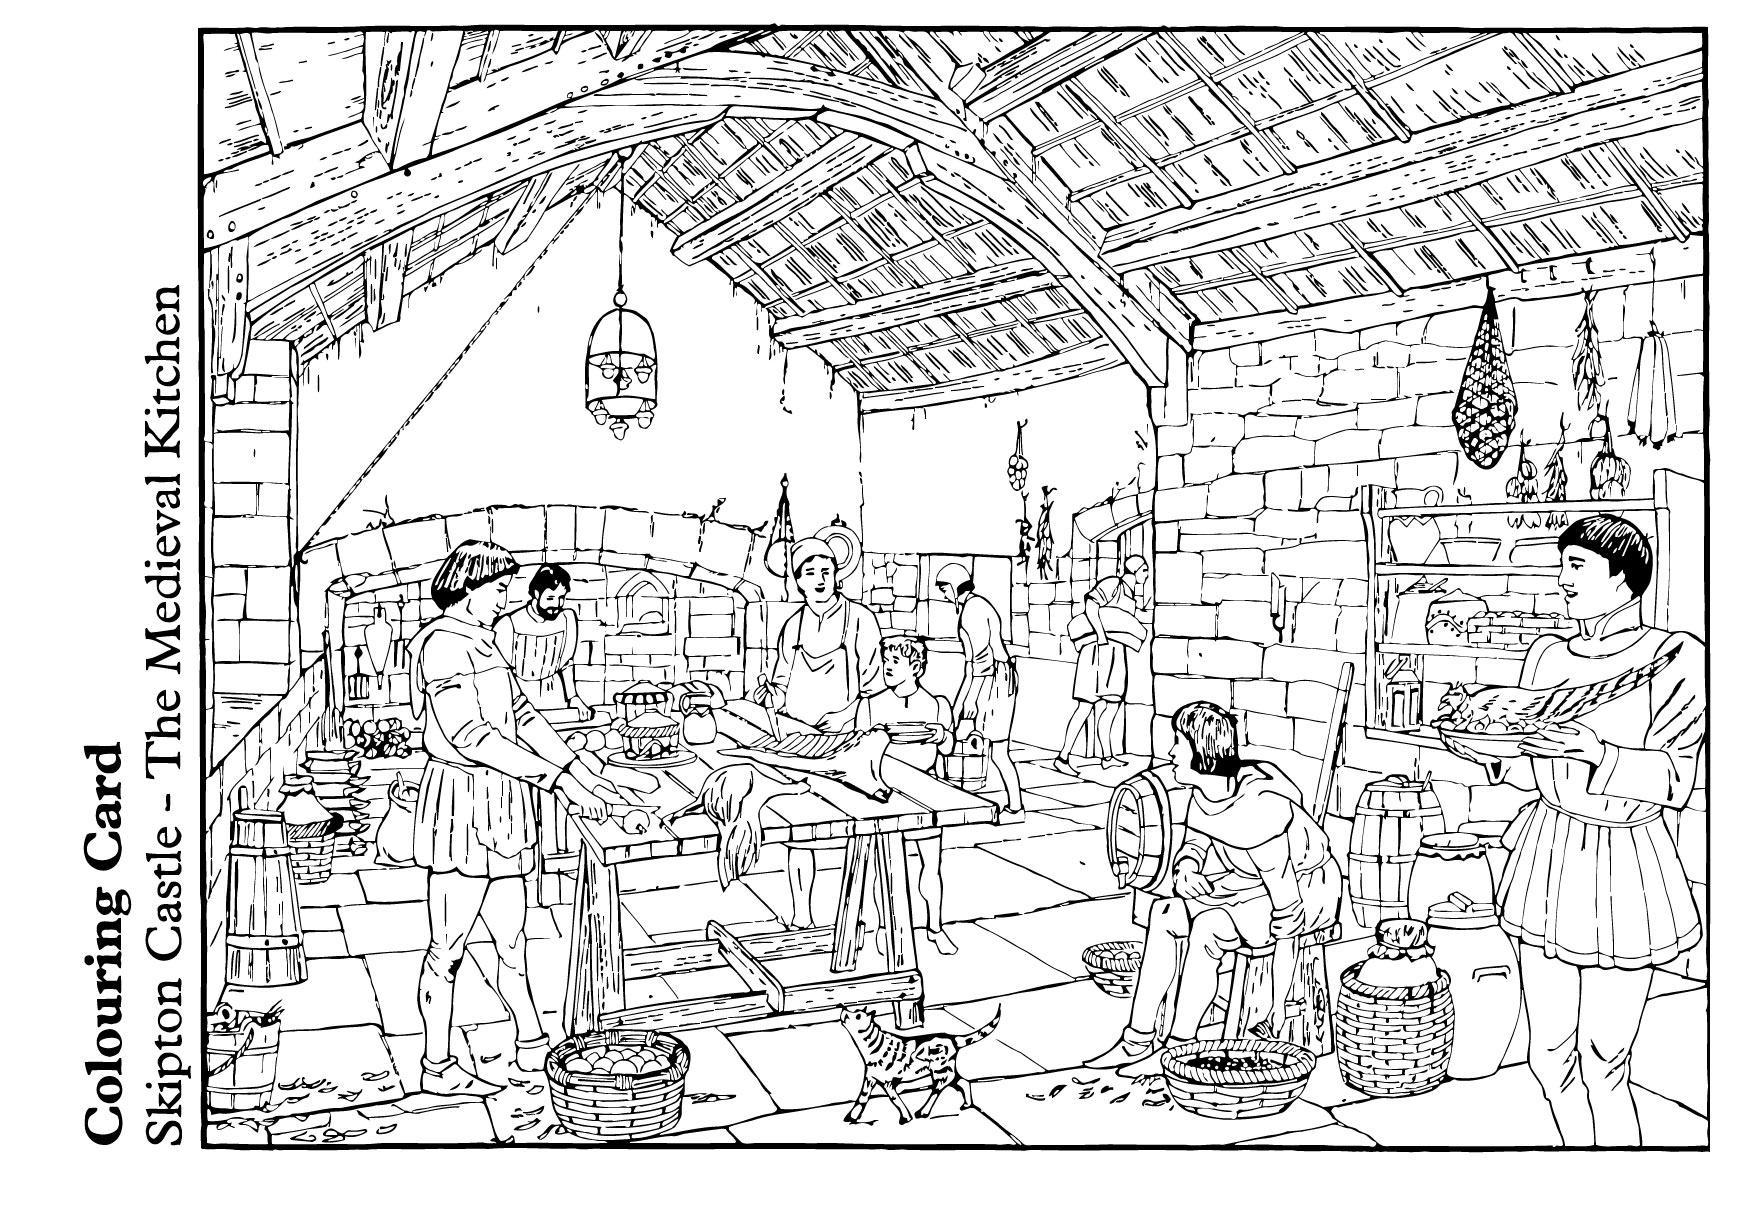 Gratis Kleurplaten Middeleeuwen.Kleurplaat Middeleeuwse Keuken Gratis Kleurplaten Om Te